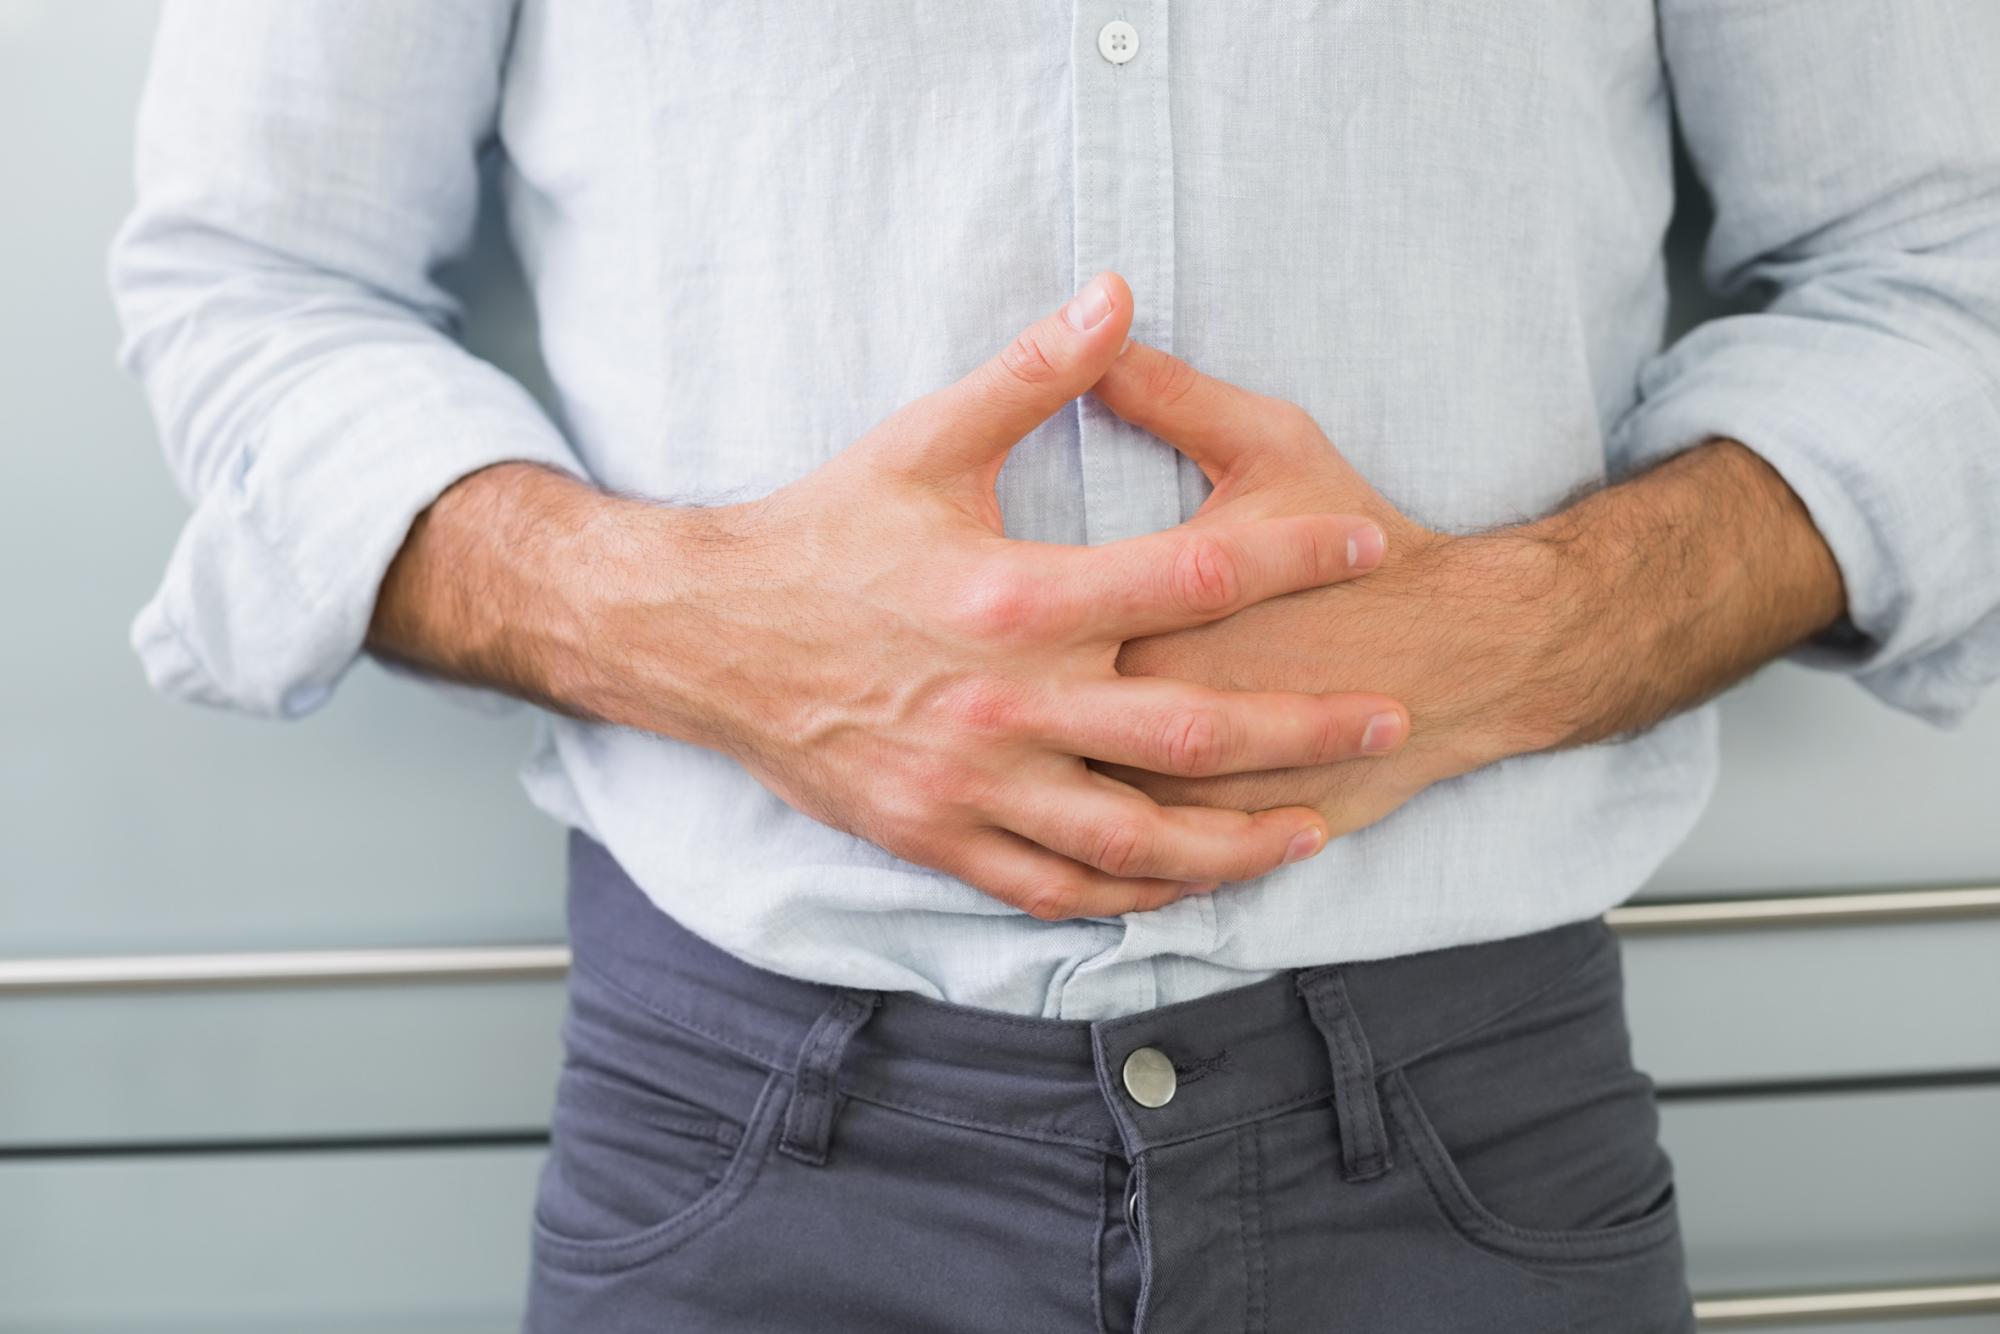 maladie de crohn je vous explique quels sont les sympt mes de la maladie. Black Bedroom Furniture Sets. Home Design Ideas